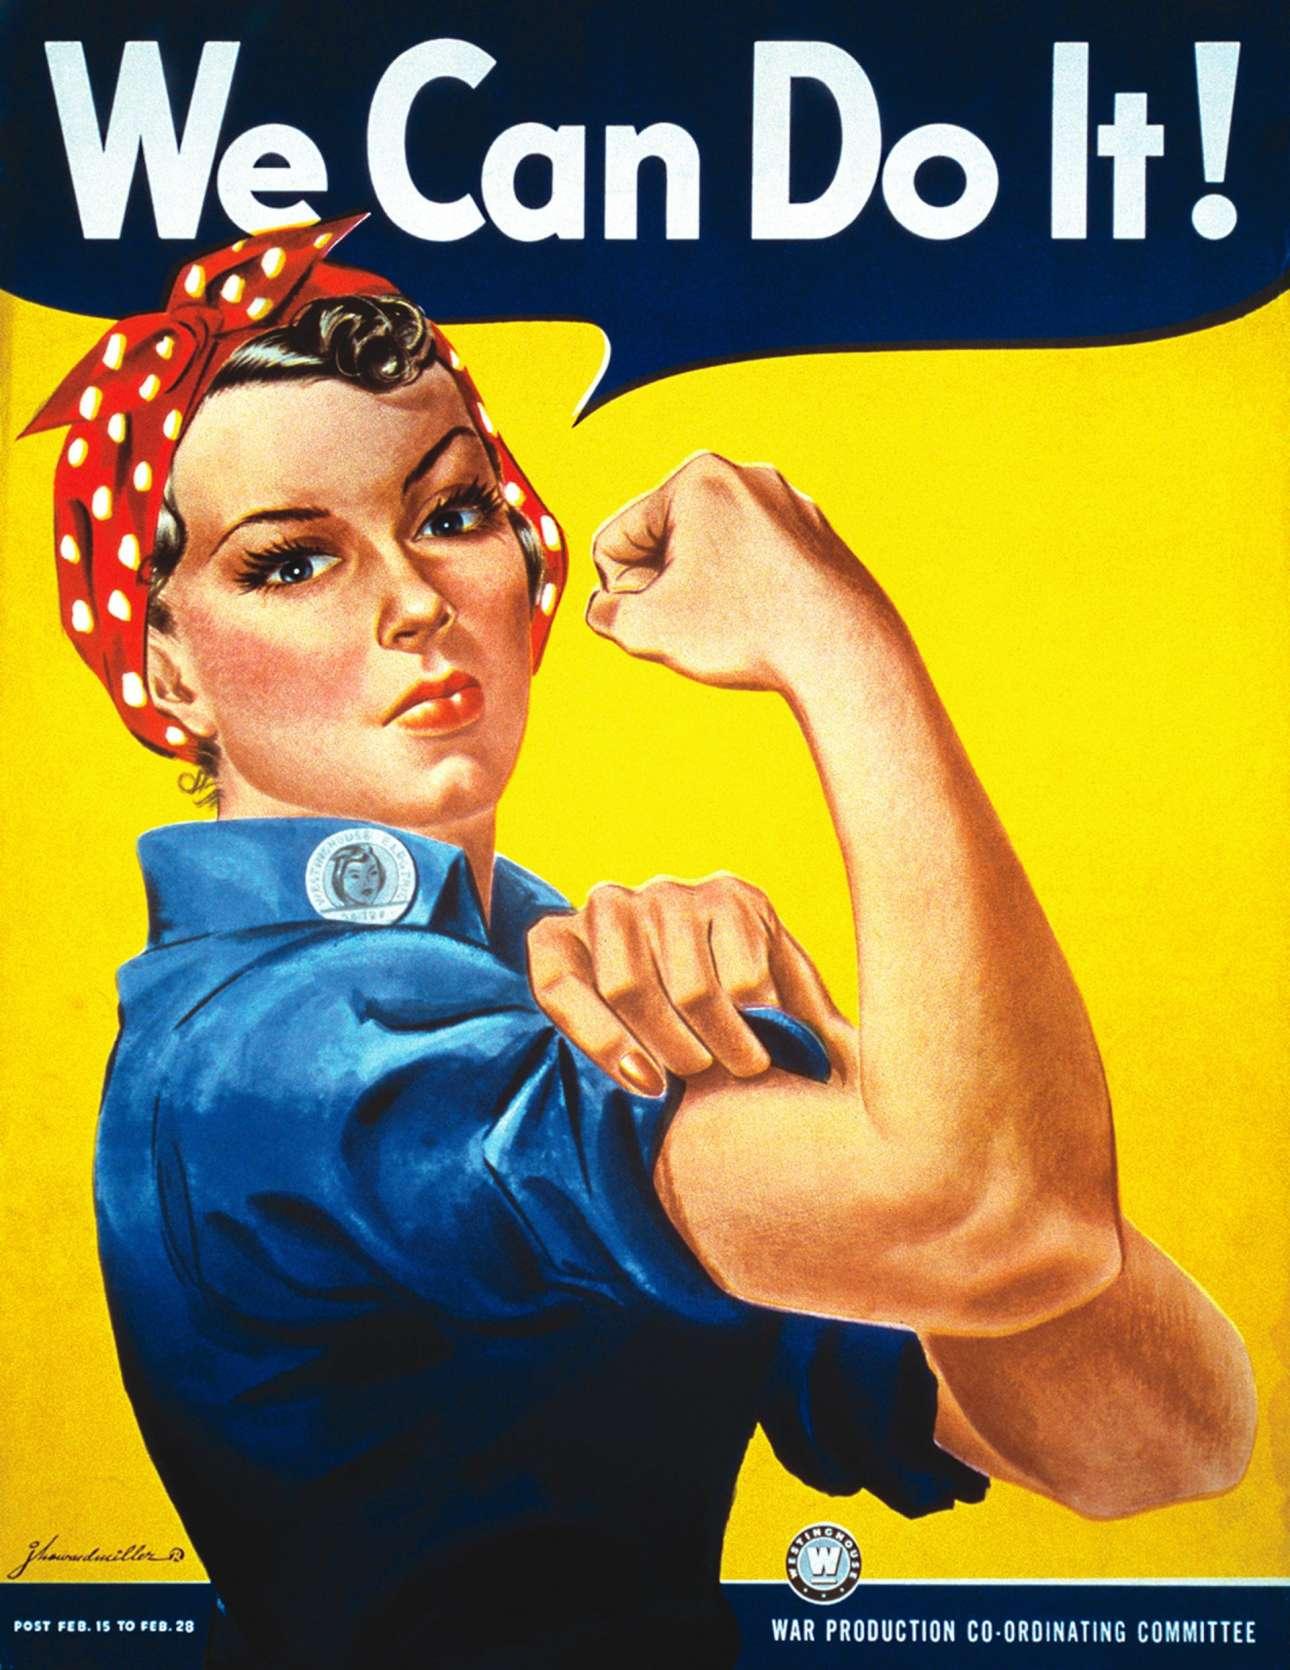 «Μπορούμε να το κάνουμε!»: Η αφίσα, σχεδιάσμενη το 1943 από τον Τζ. Χάουαρντ Μίλερ, ήταν μέρος μιας εκστρατείας κατά τη διάρκεια του Β' Παγκοσμίου Πολέμου, που είχε σκοπό να ενθαρρύνει τις γυναίκες των ΗΠΑ να εργαστούν για την πολεμική προσπάθεια. Από τότε έχει γίνει σύμβολο για τη χειραφέτηση των γυναικών